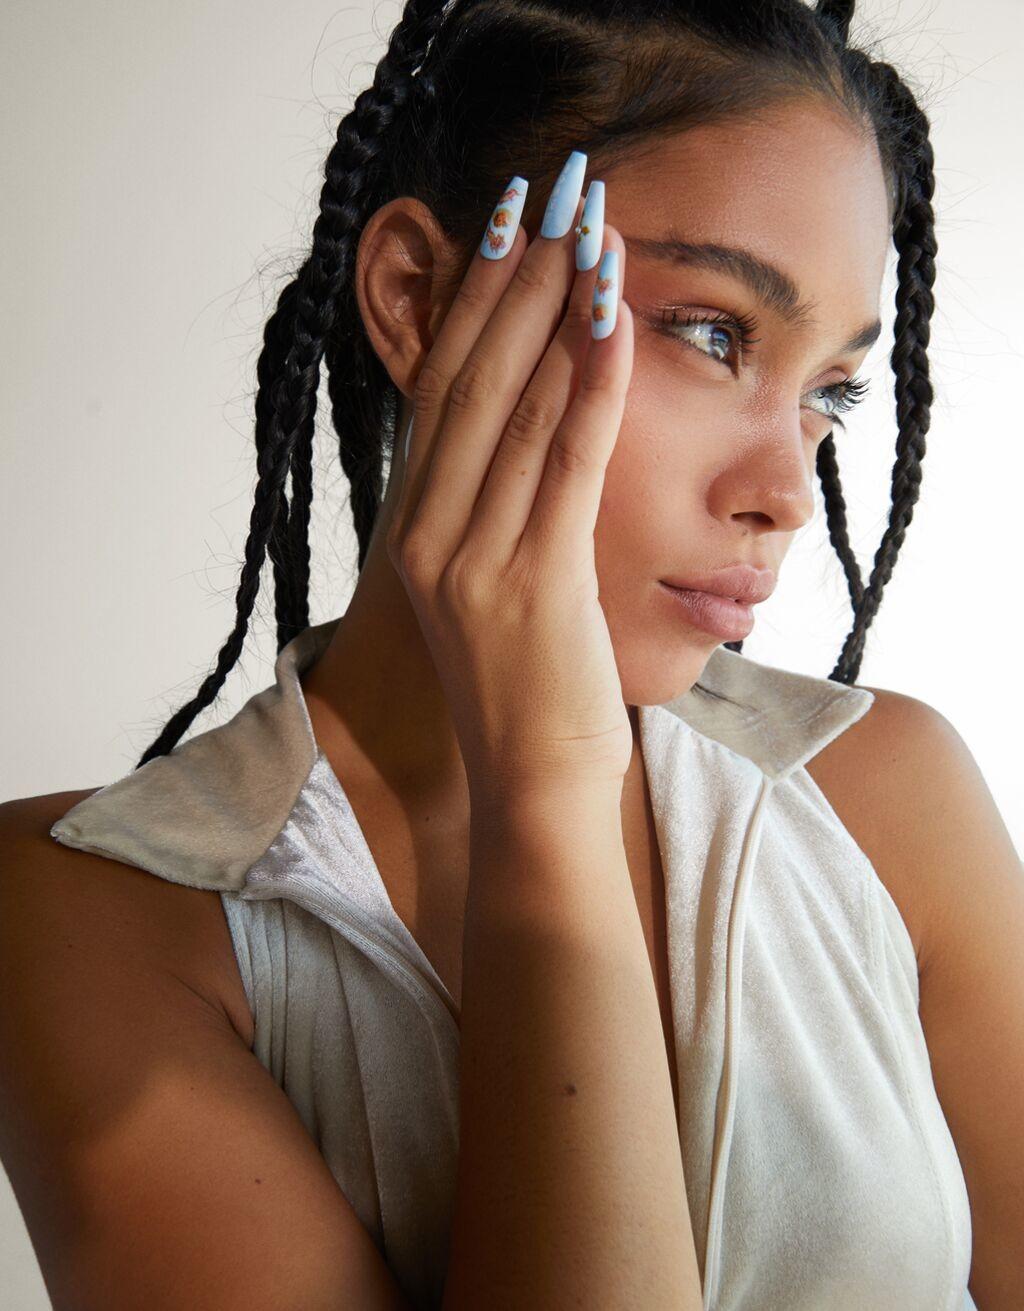 Bershka nos propone la forma mas sencillo de lucir una manicura muy molona sin ningun sacrificio con sus nuevas uñas postizas